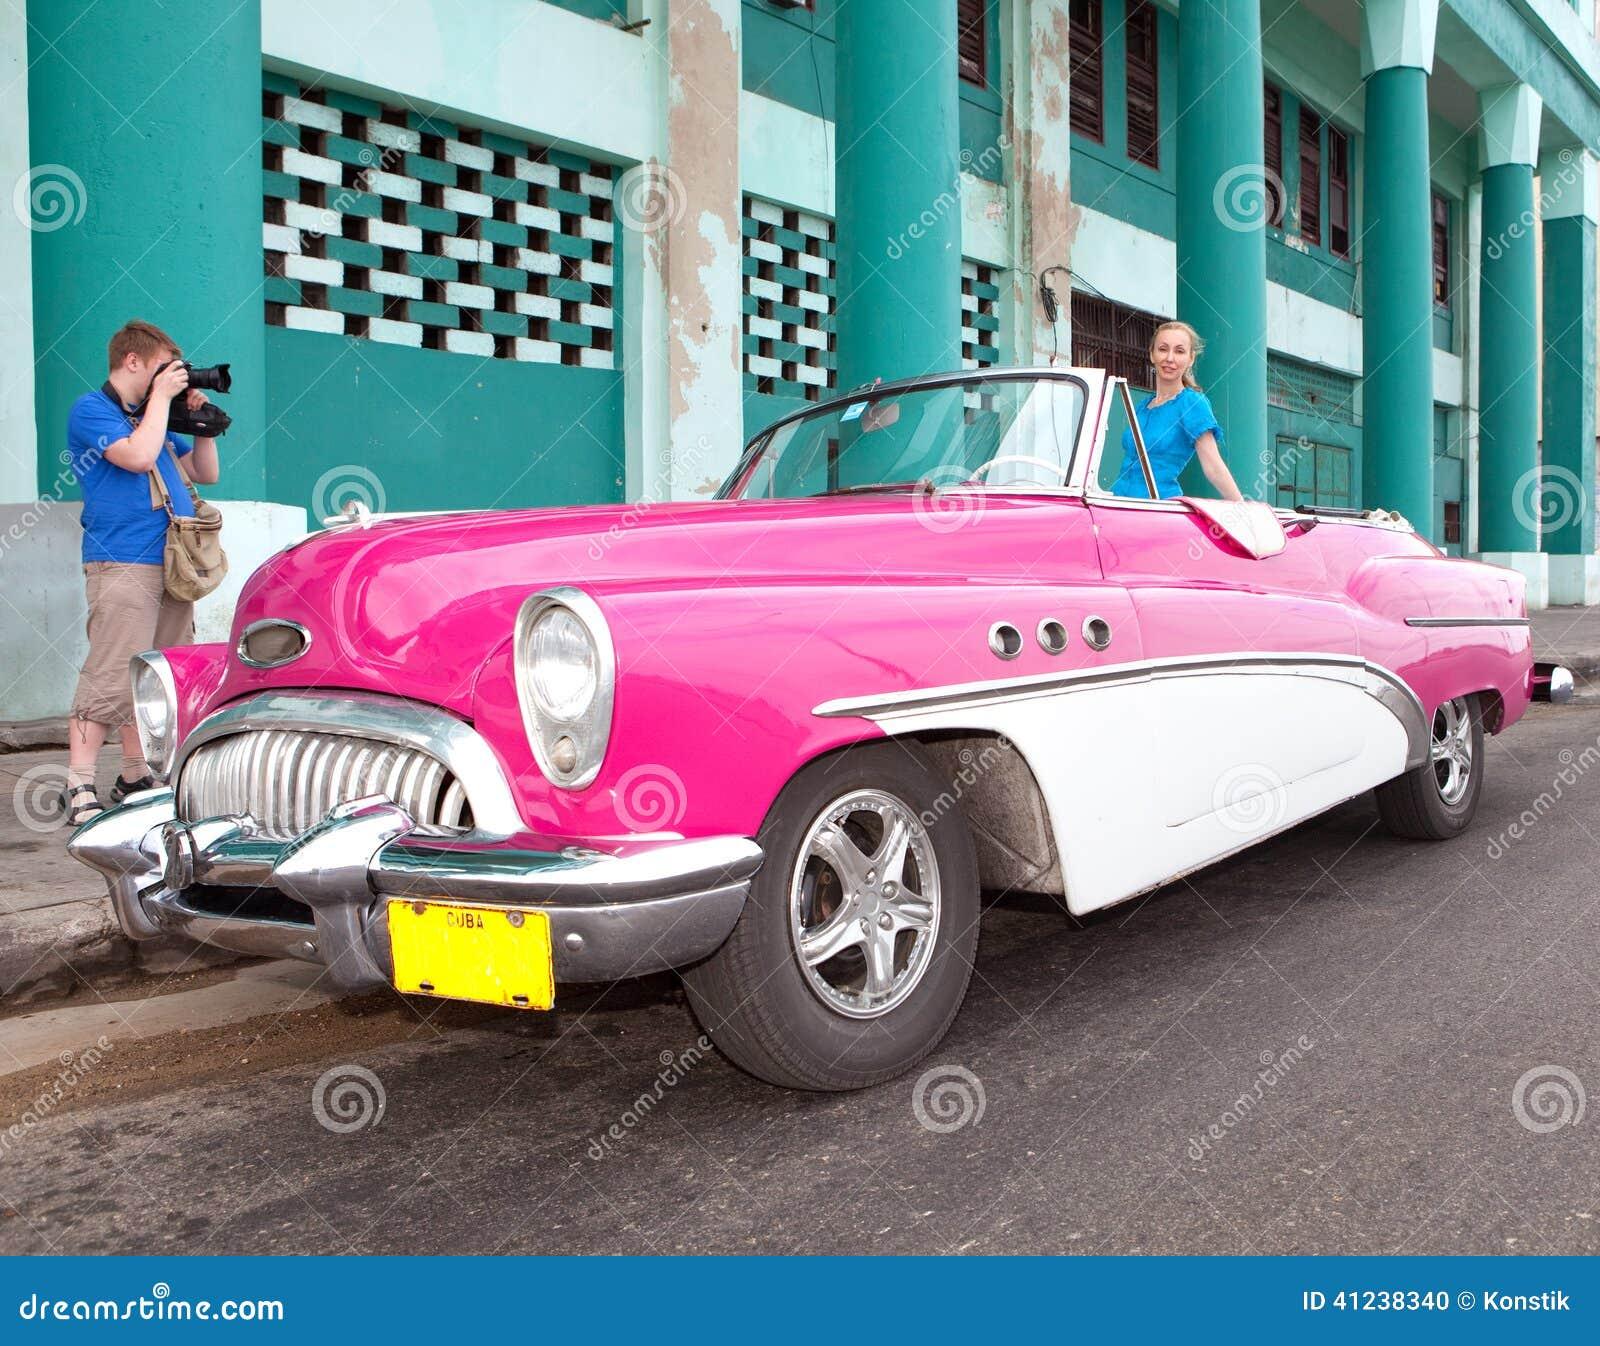 la belle femme une vieille r tro voiture am ricaine de roue cinquanti me ann es du si cle. Black Bedroom Furniture Sets. Home Design Ideas